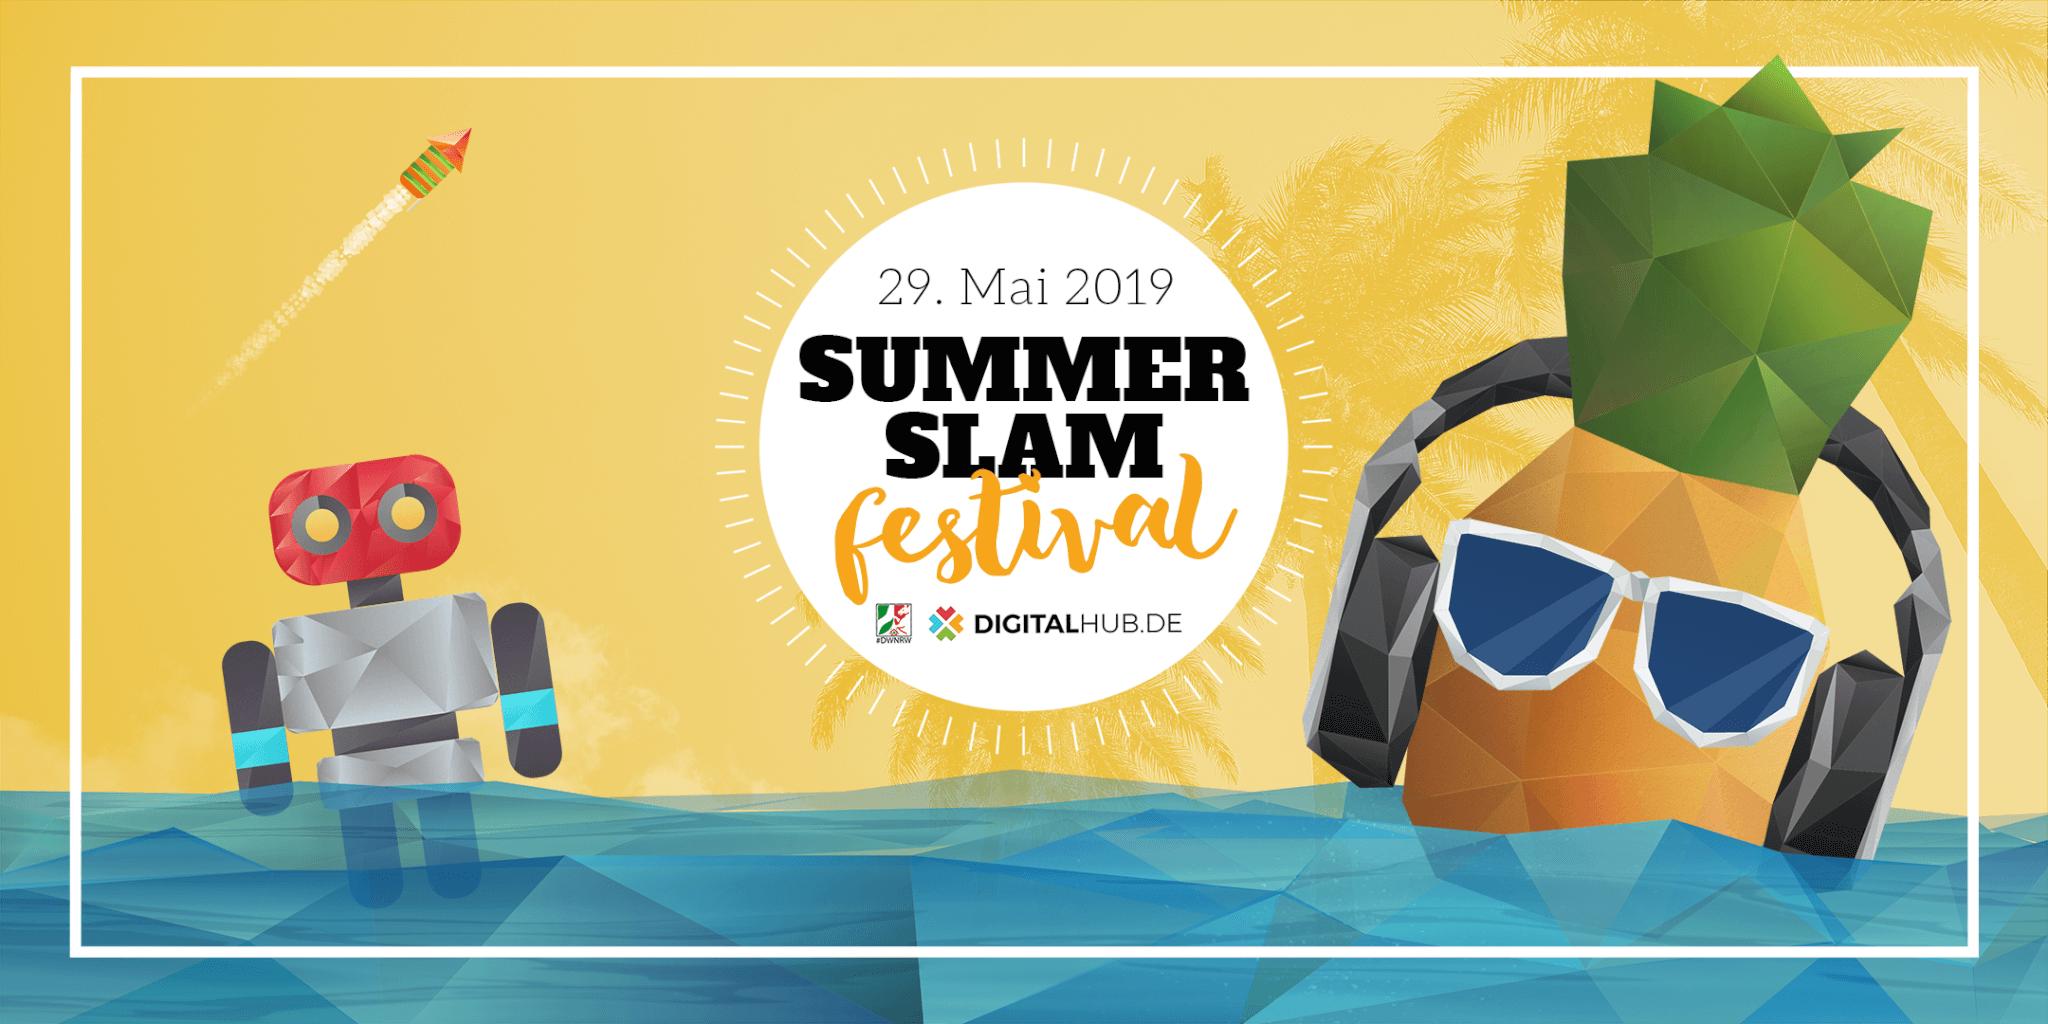 Ananas mit Kopfhörern und Roboter schwimmen im Wasser, eine Rakete fliegt im Hintergrund und kündigen das Summer Slam Festival an.